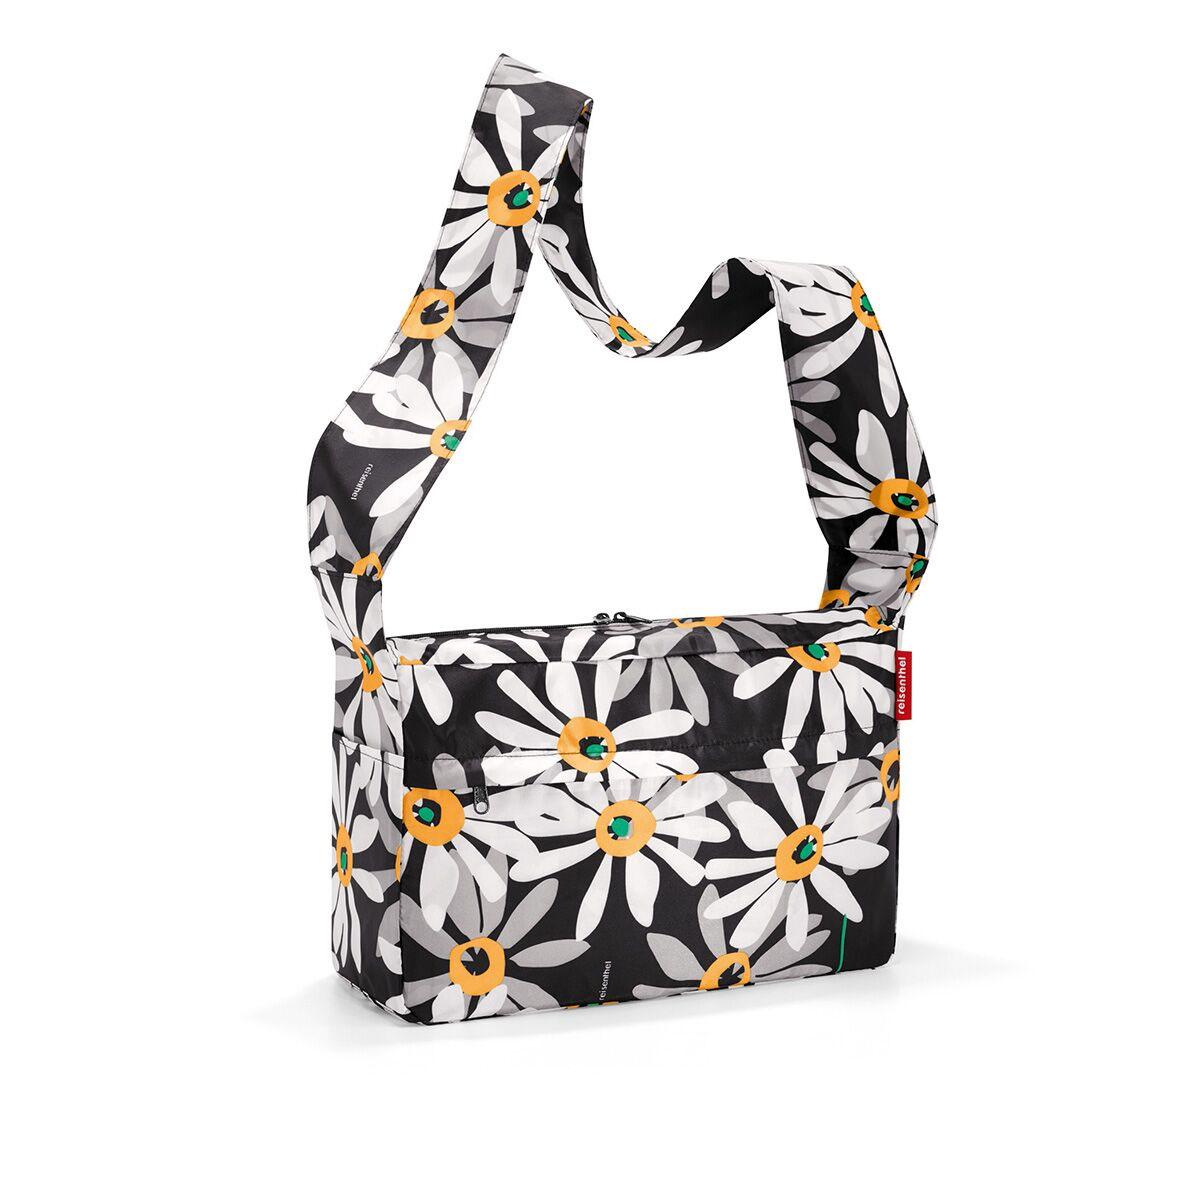 Сумка женская Reisenthel, складная, цвет: черный, серый, белый. AL7038L39845800Стильная женская сумка Reisenthel изготовлена из текстиля с цветочным принтом. Сумка имеет одно отделение, которое закрывается на застежку-молнию с двумя бегунками. Внутри имеется нашивной карман на застежке-молнии, в который сумка складывается и приобретает компактный вид. Снаружи, на передней стенке расположен накладной карман на застежке-молнии. По бокам расположены открытые накладные карманы. Изделие оснащено удобным наплечным ремнем.